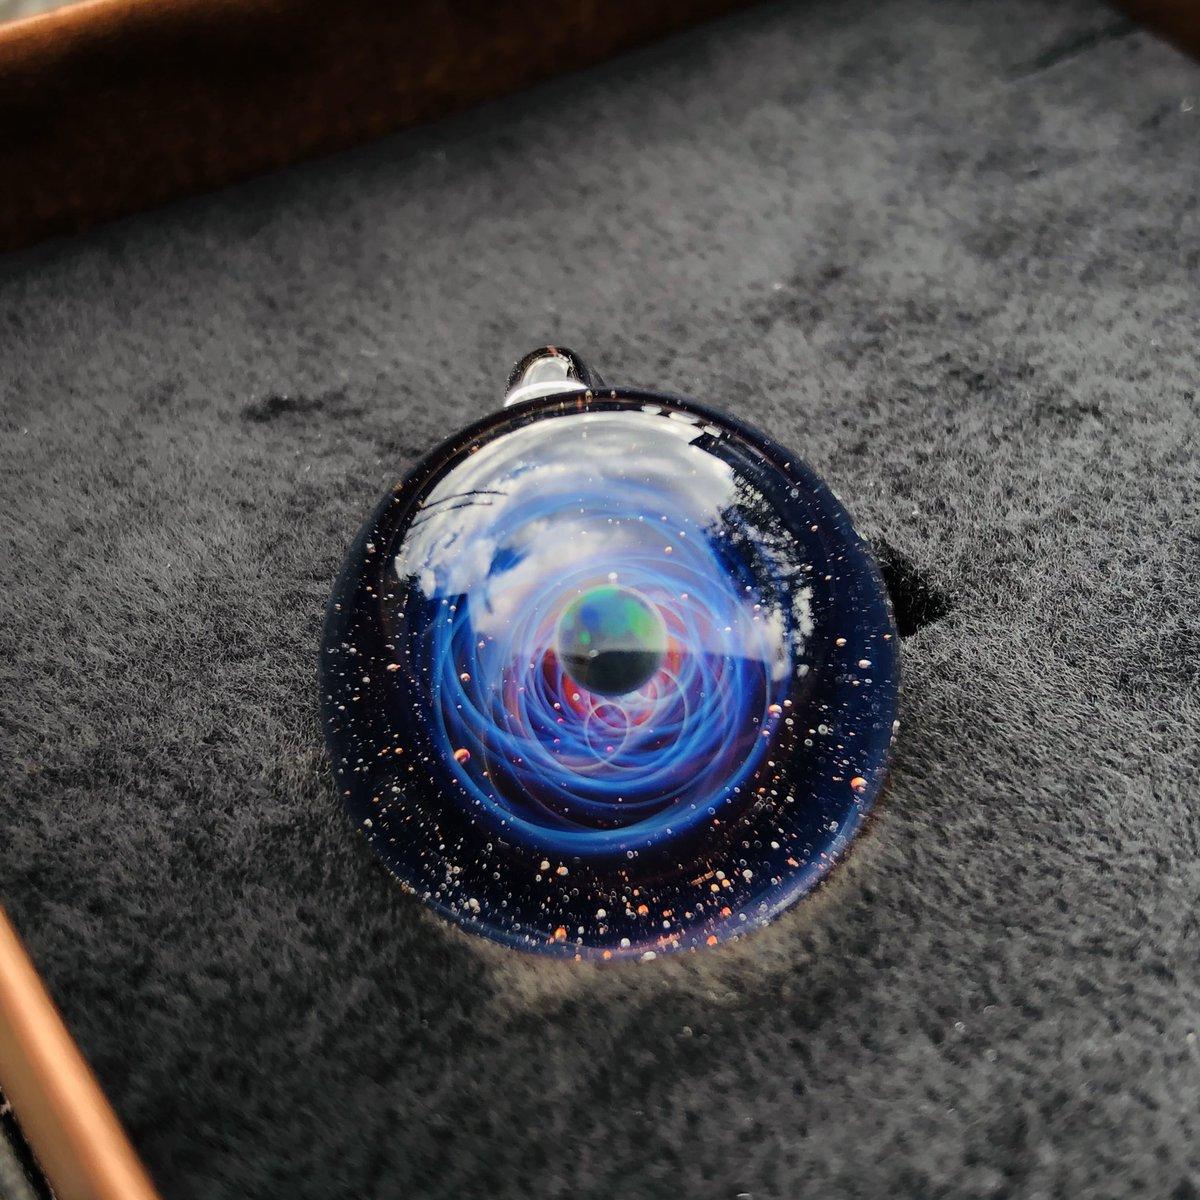 上から見ると青の螺旋 後ろから見ると青に加えて赤の渦が見えます 飽きずにずっと見てれる… #宇宙ガラス #PlusAlpha #spaceglass pic.twitter.com/JokEeJWtSc